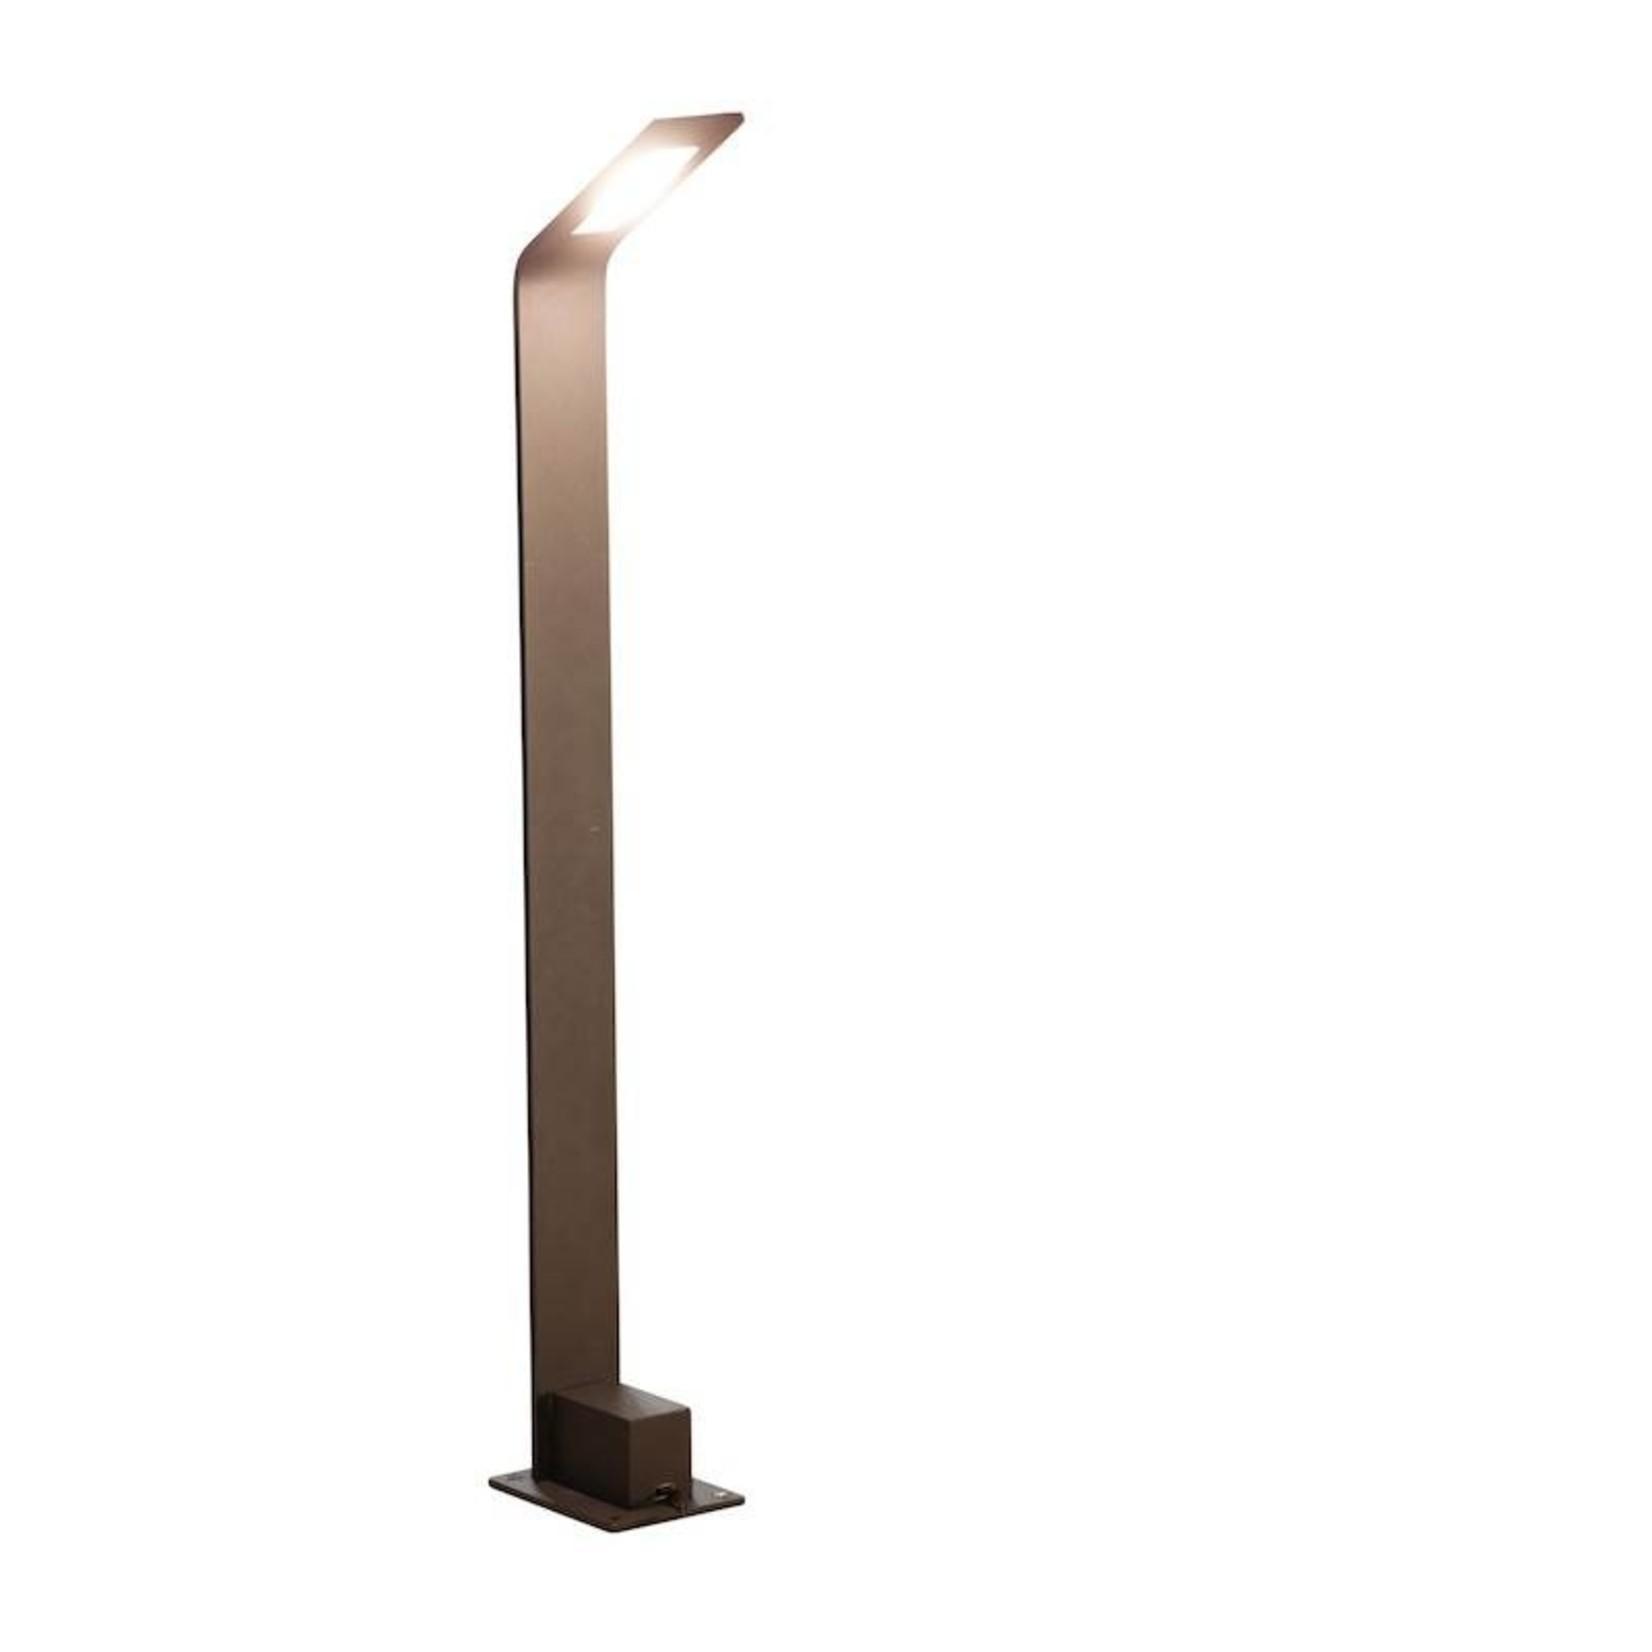 Heissner Smart Light tuinlamp 4W warm wit metaal